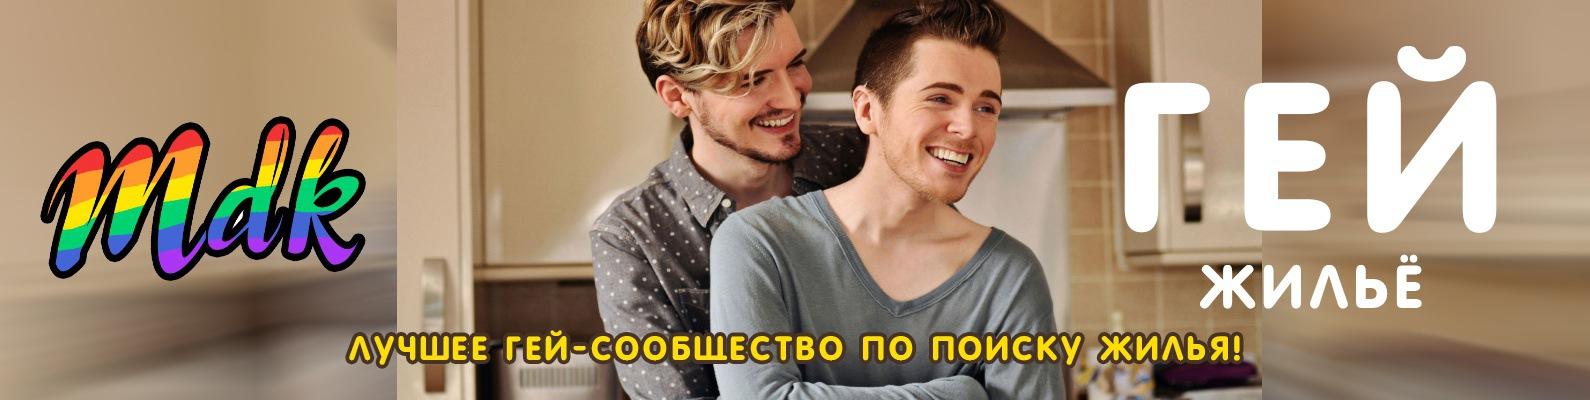 Снять гей мальчика в петербурге